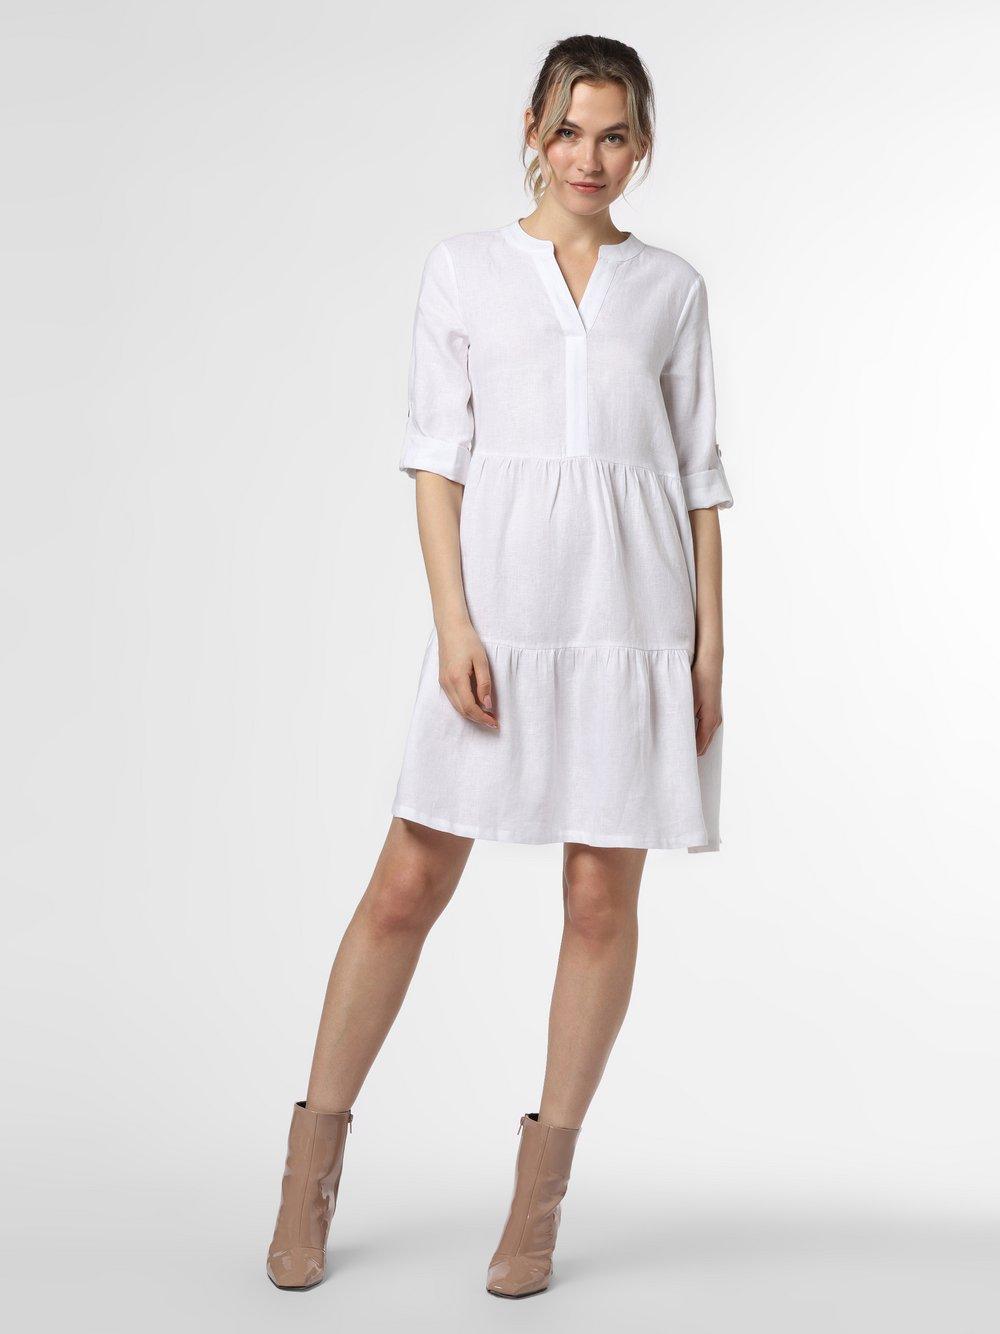 Apriori Damen Leinenkleid online kaufen   PEEK UND CLOPPENBURG.DE